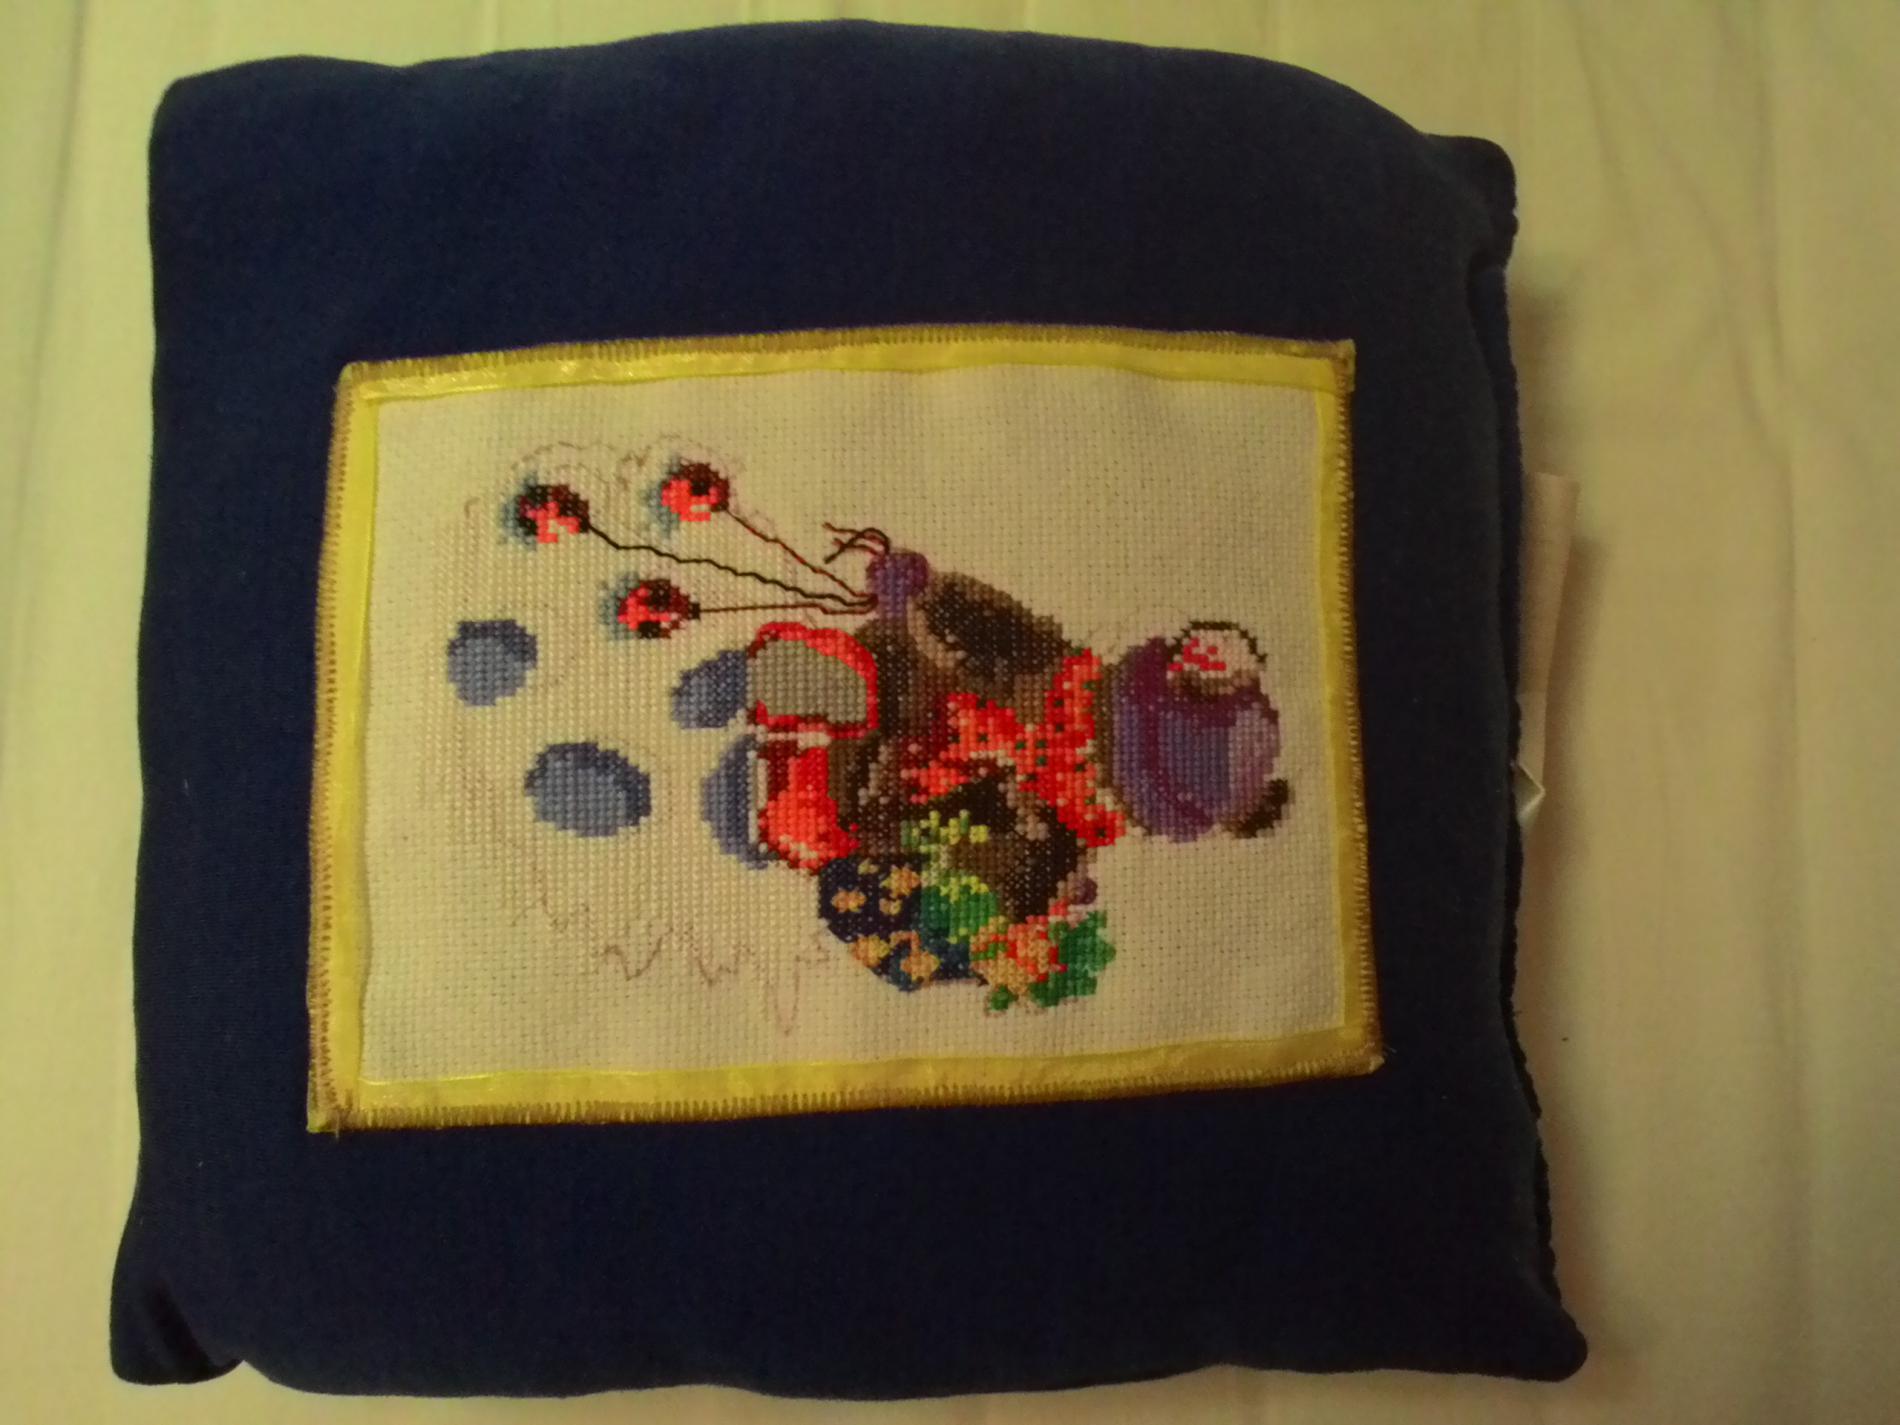 Вышивка как подарок - стоит ли дарить? Блог вышивальщицы 67